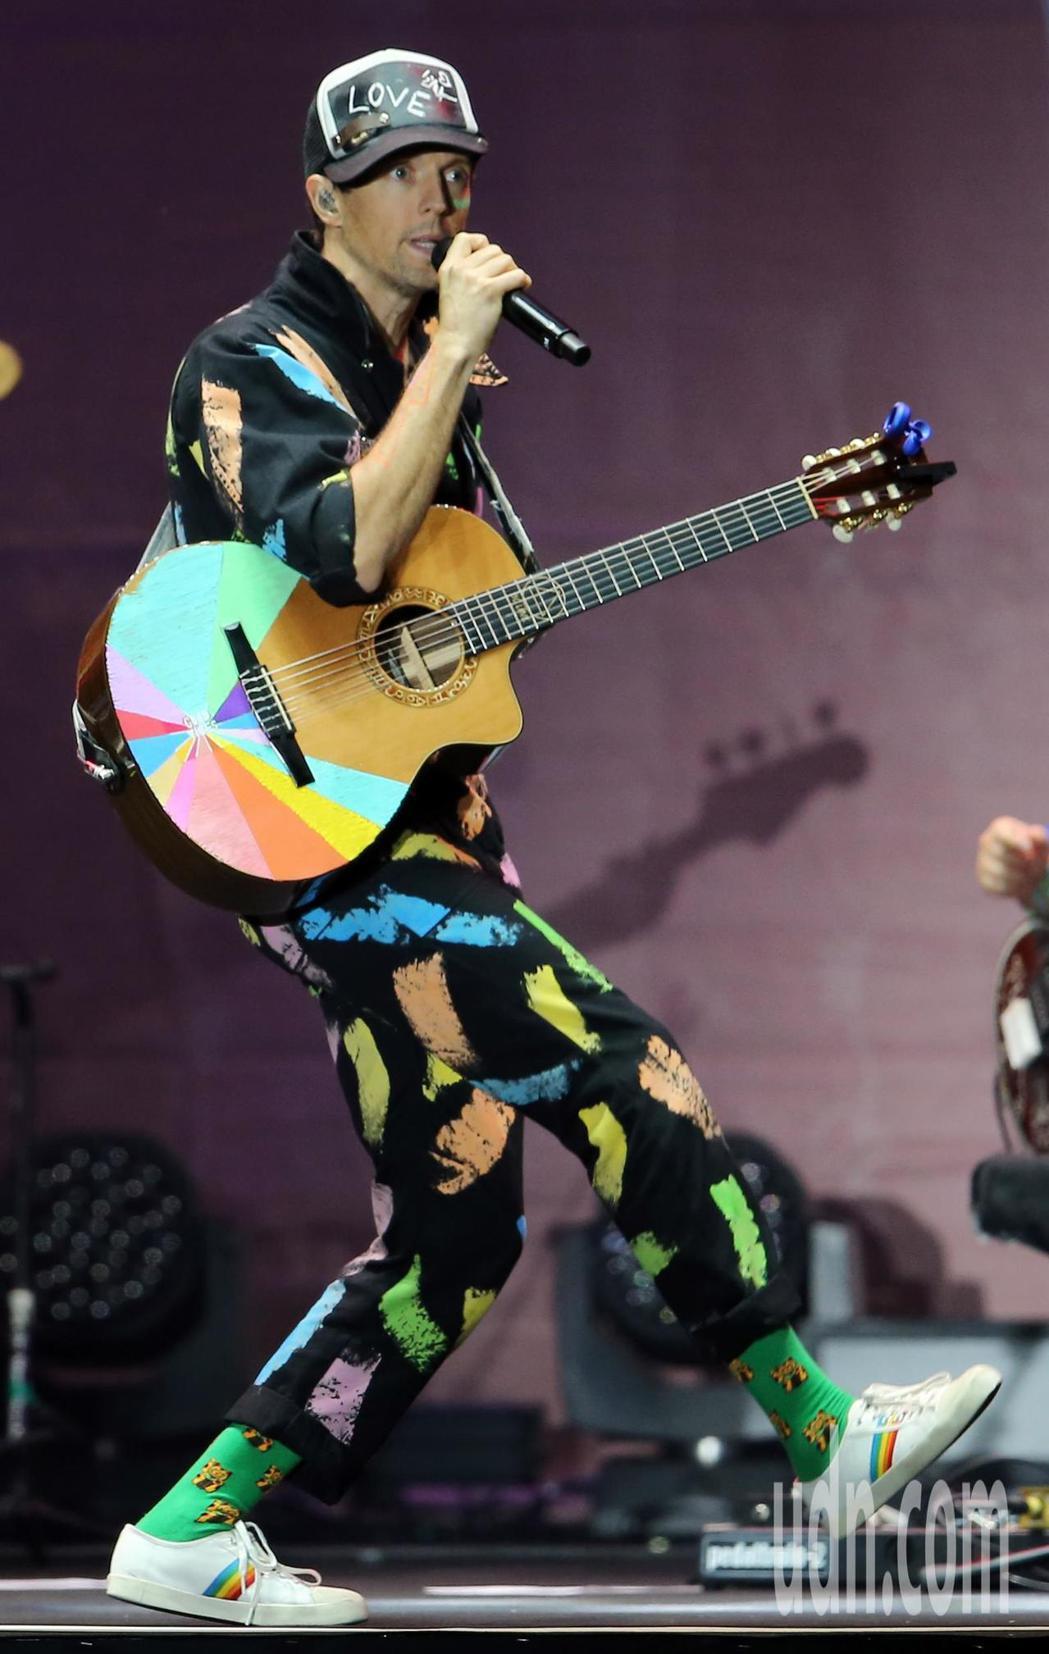 傑森·瑪耶茲(圖)晚間在台北小巨蛋舉行演唱會,他背起吉他自彈自唱,帶著團隊一連演...